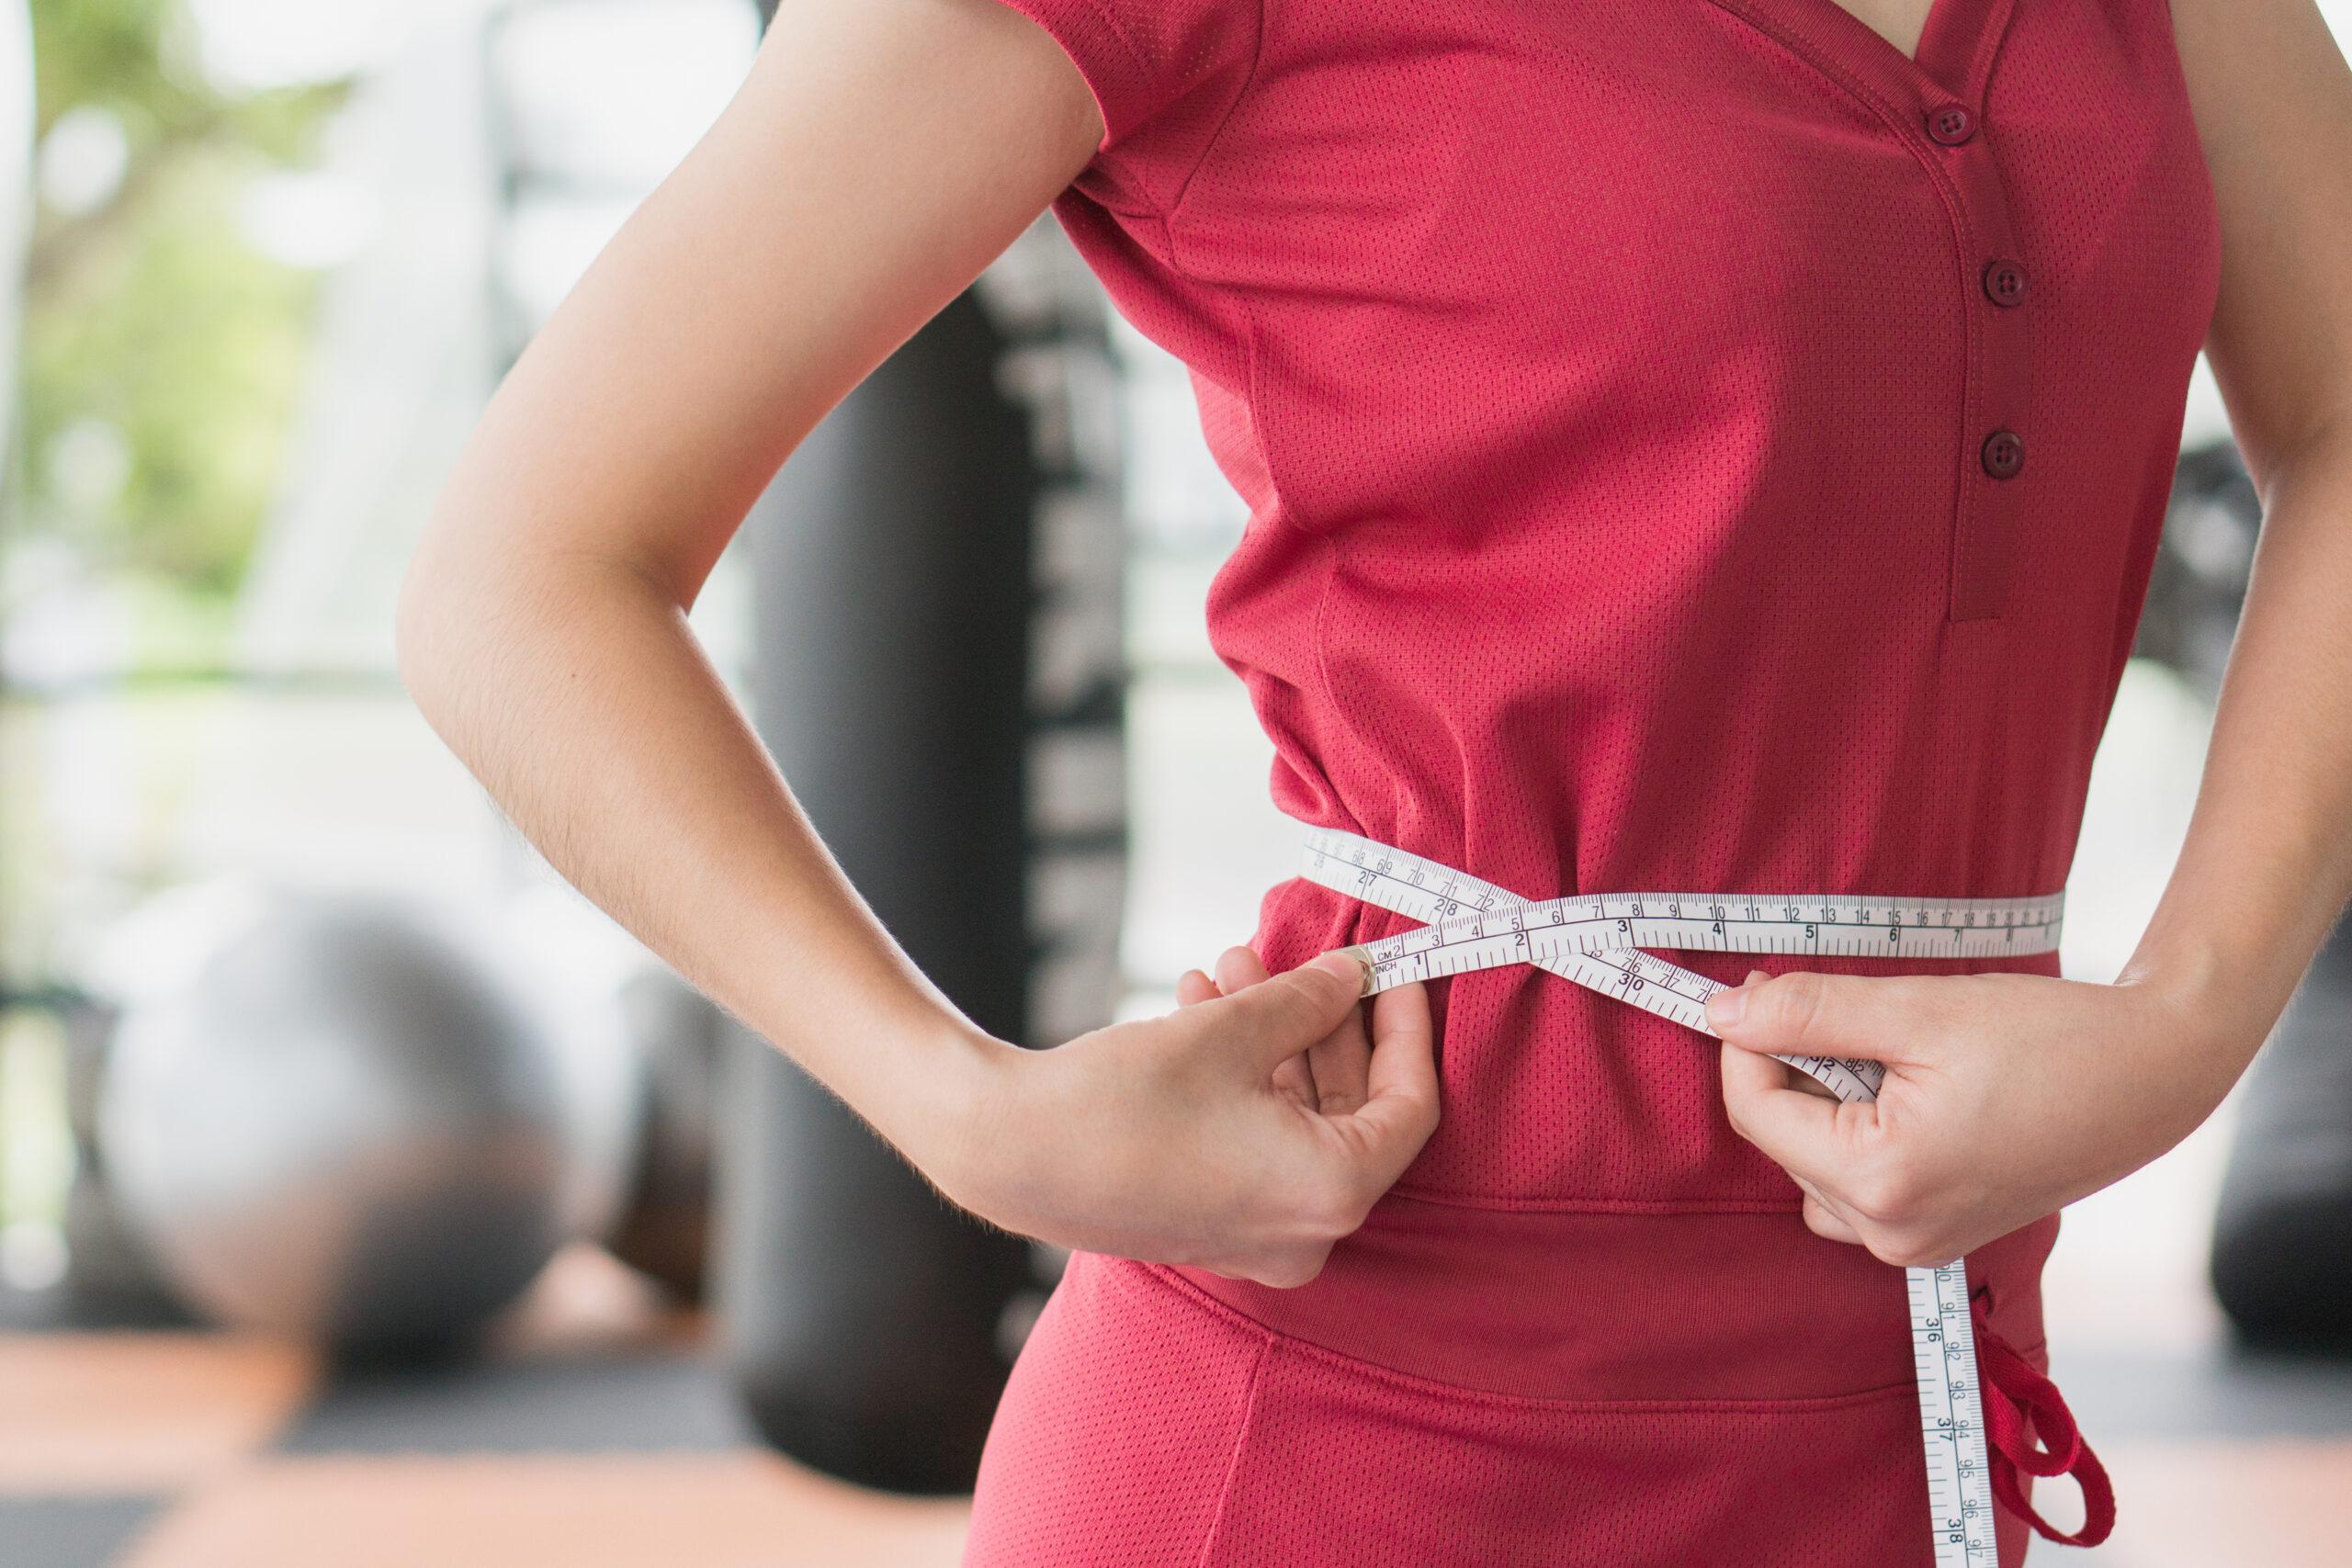 食事の減らしすぎ、運動のしすぎは健康的ではありません